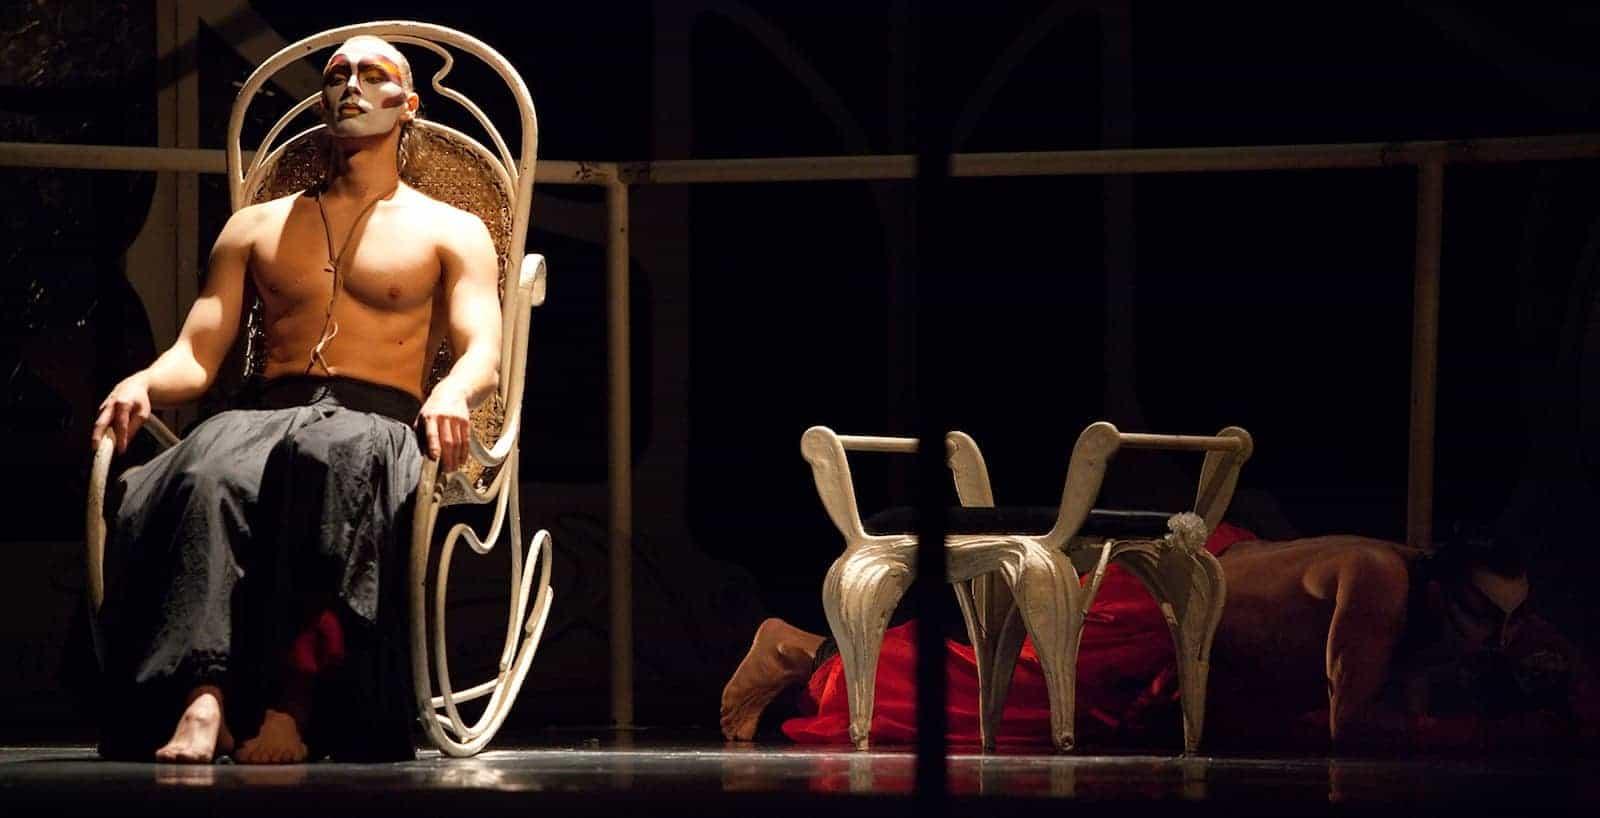 Спектакль «Служанки» в Театре Романа Виктюка в Москве